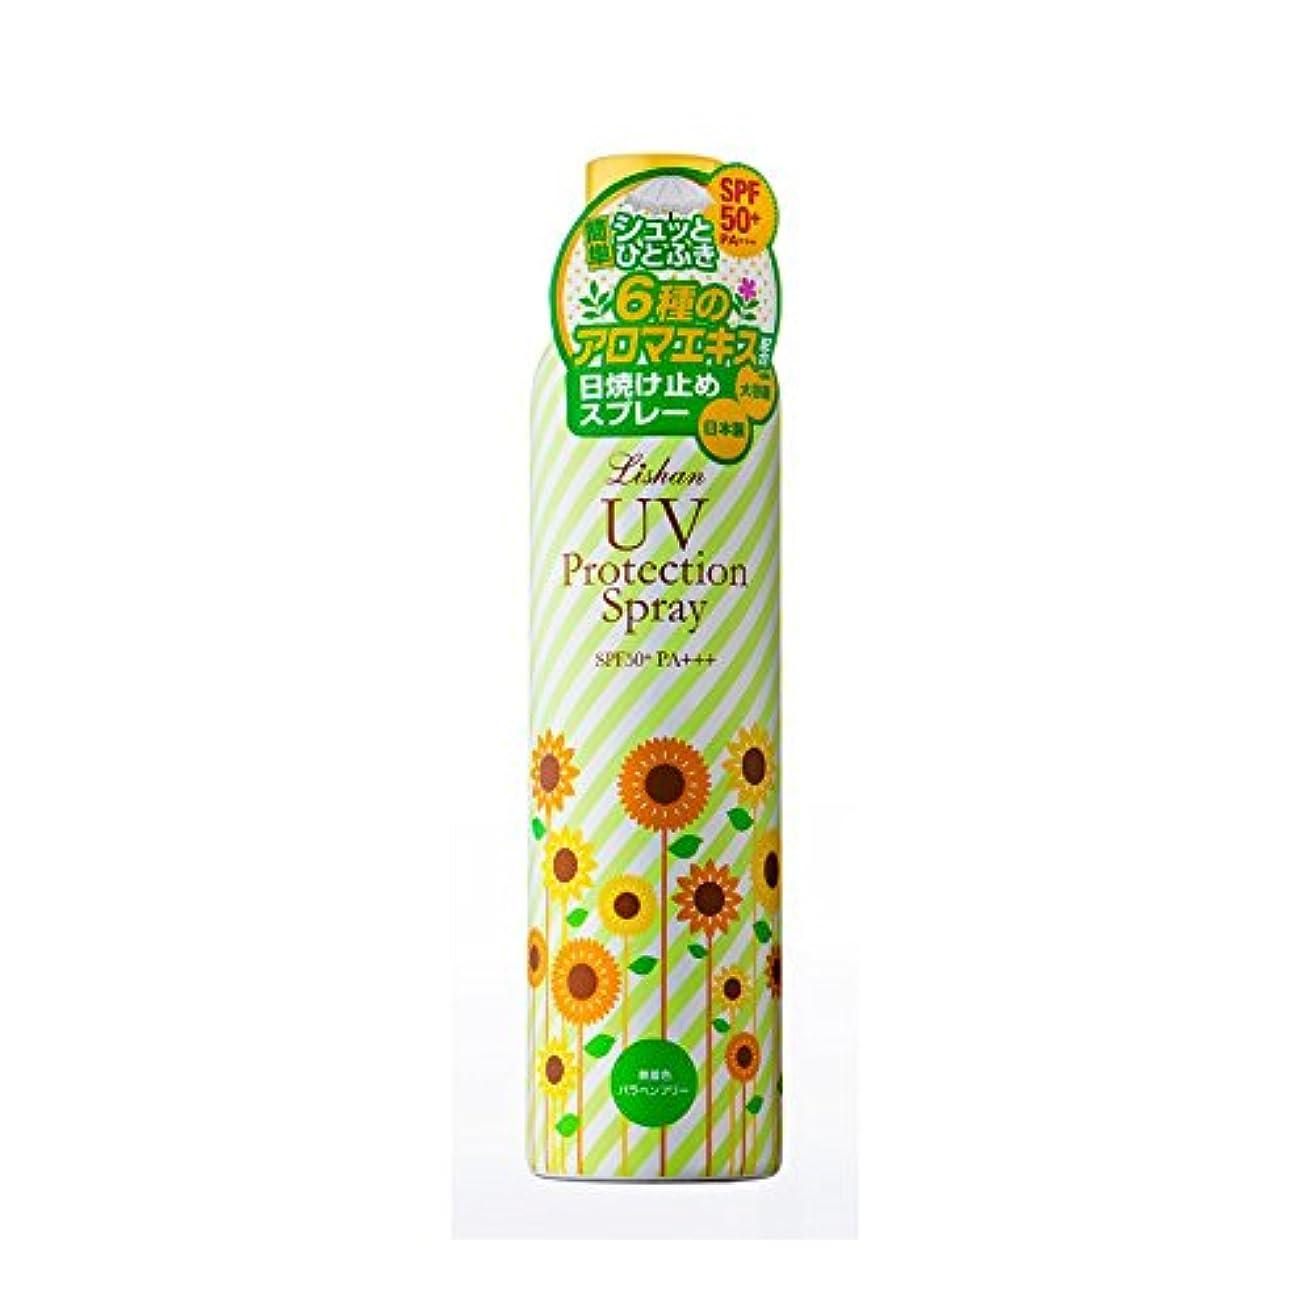 忌まわしい音声学広いリシャン 大容量UVスプレー アロマミックスの香り (230g)